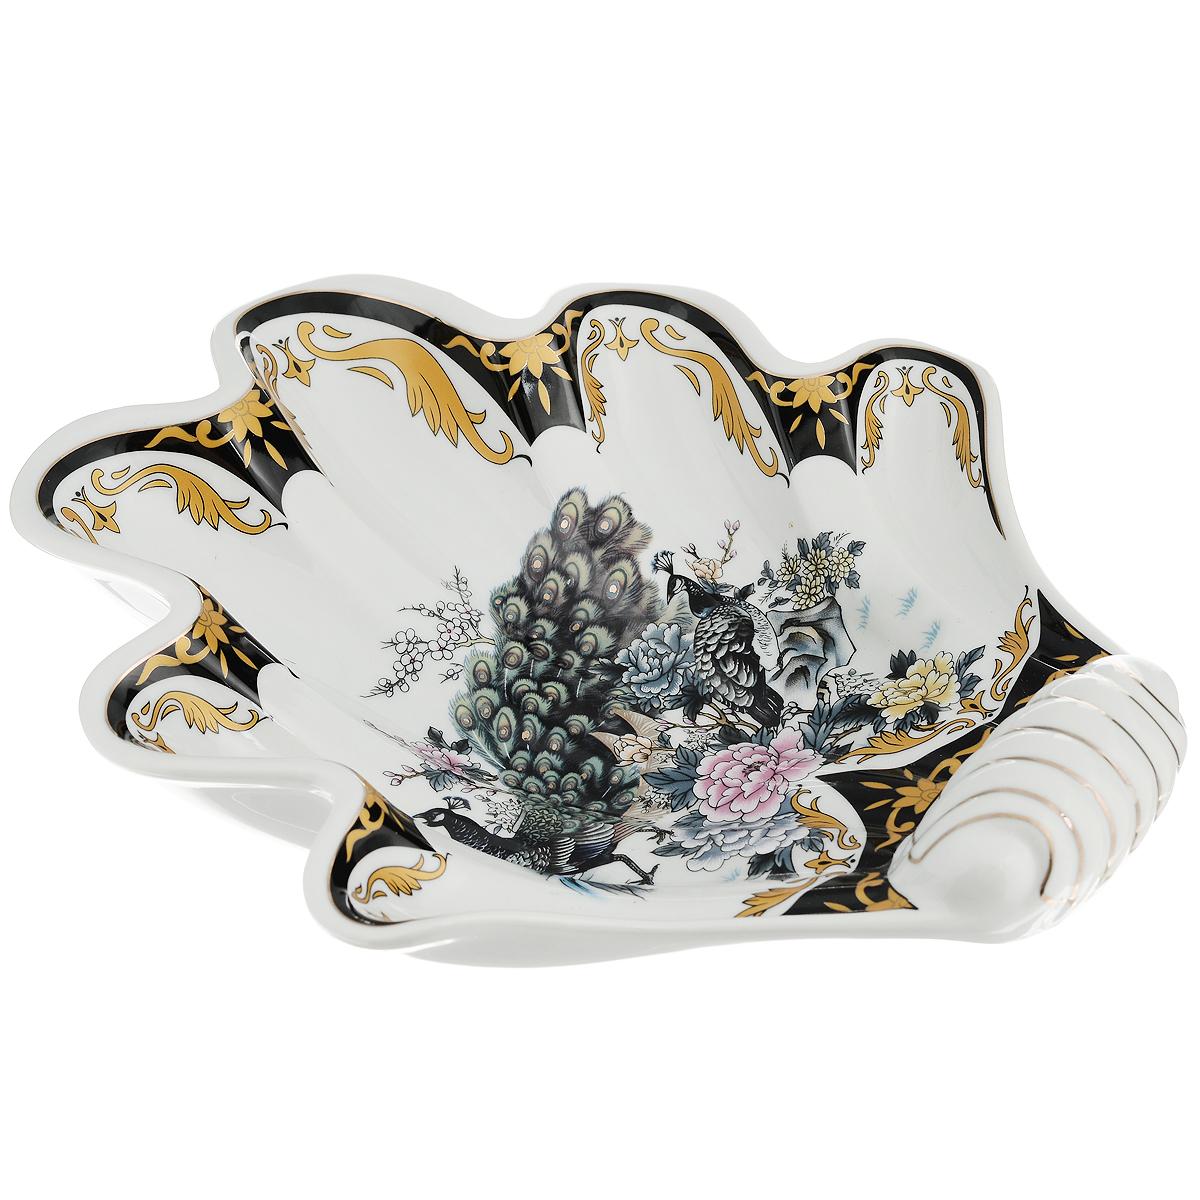 Блюдо Saguro Сказочный павлин, 22,5 см х 25 см х 5 см518-038Блюдо Saguro Сказочный павлин изготовлено из фарфора в виде изящной ракушки. Изделие оформлено красочным изображением павлинов. Такое блюдо сочетает в себе изысканный дизайн с максимальной функциональностью. Красочность оформления и необычная форма блюда придется по вкусу тем, кто предпочитает утонченность и изящность. Оригинальное блюдо украсит сервировку вашего стола и подчеркнет прекрасный вкус хозяйки, а также станет отличным подарком. Не использовать в микроволновой печи. Не применять абразивные чистящие вещества.